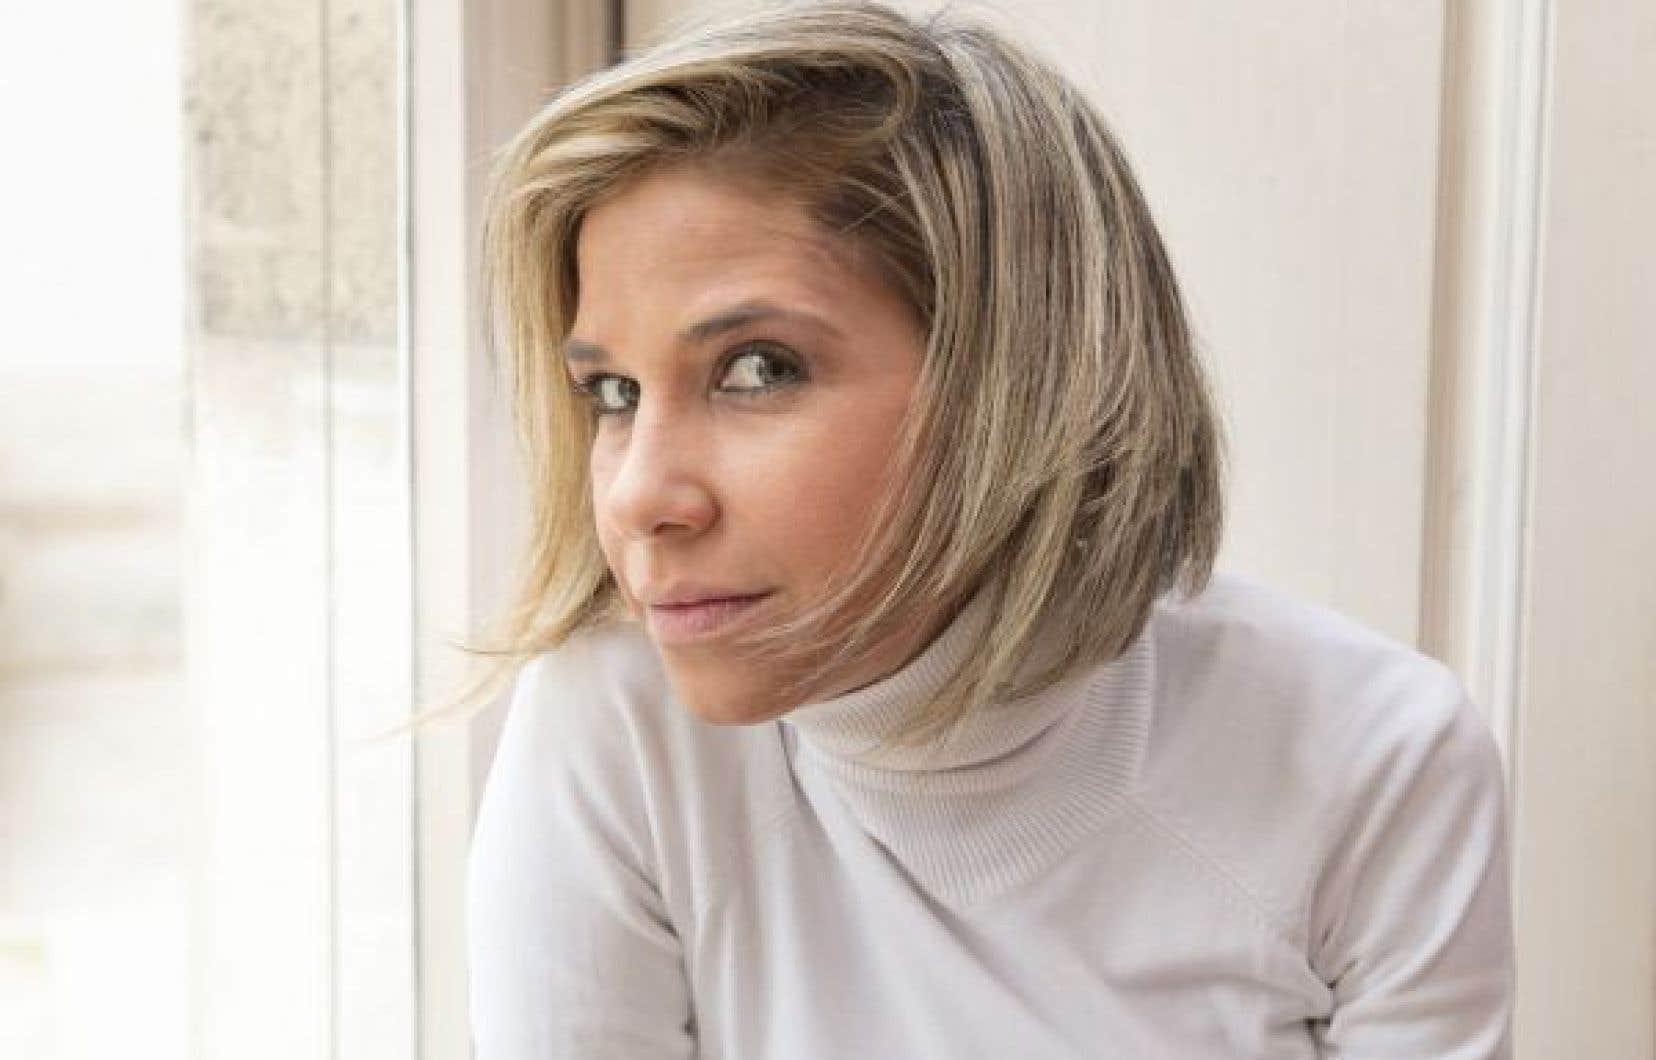 Le premier roman de la Vénézuélienne Karina Sainz Borgo est un récit d'exil et de colère, mais c'est aussi un cri de désespoir lancé par l'écrivaine, une journaliste née à Caracas en 1982 et qui vit en exil en Espagne depuis 2006.